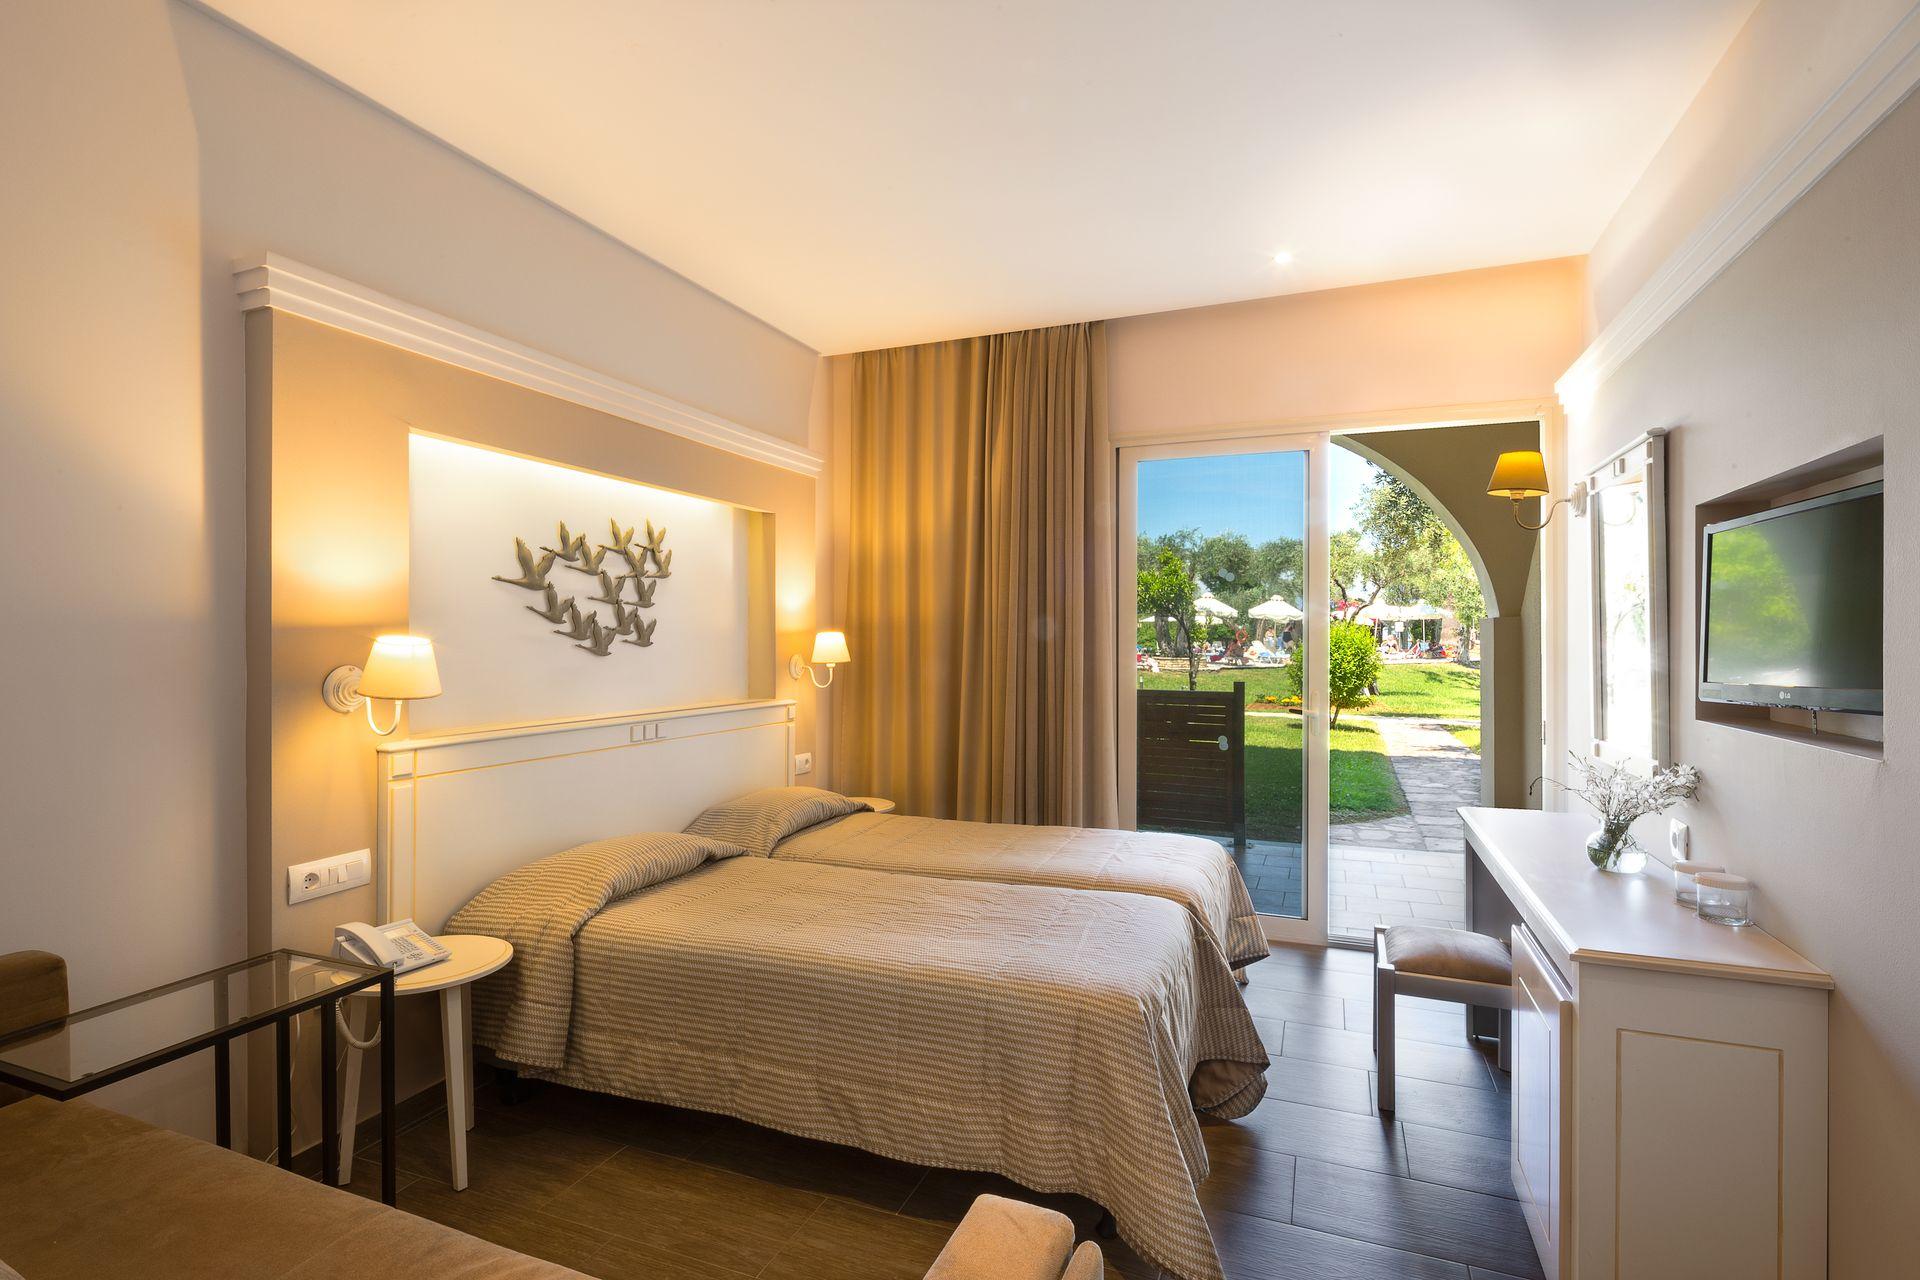 Superior-Doppelzimmer mit Gartenblick